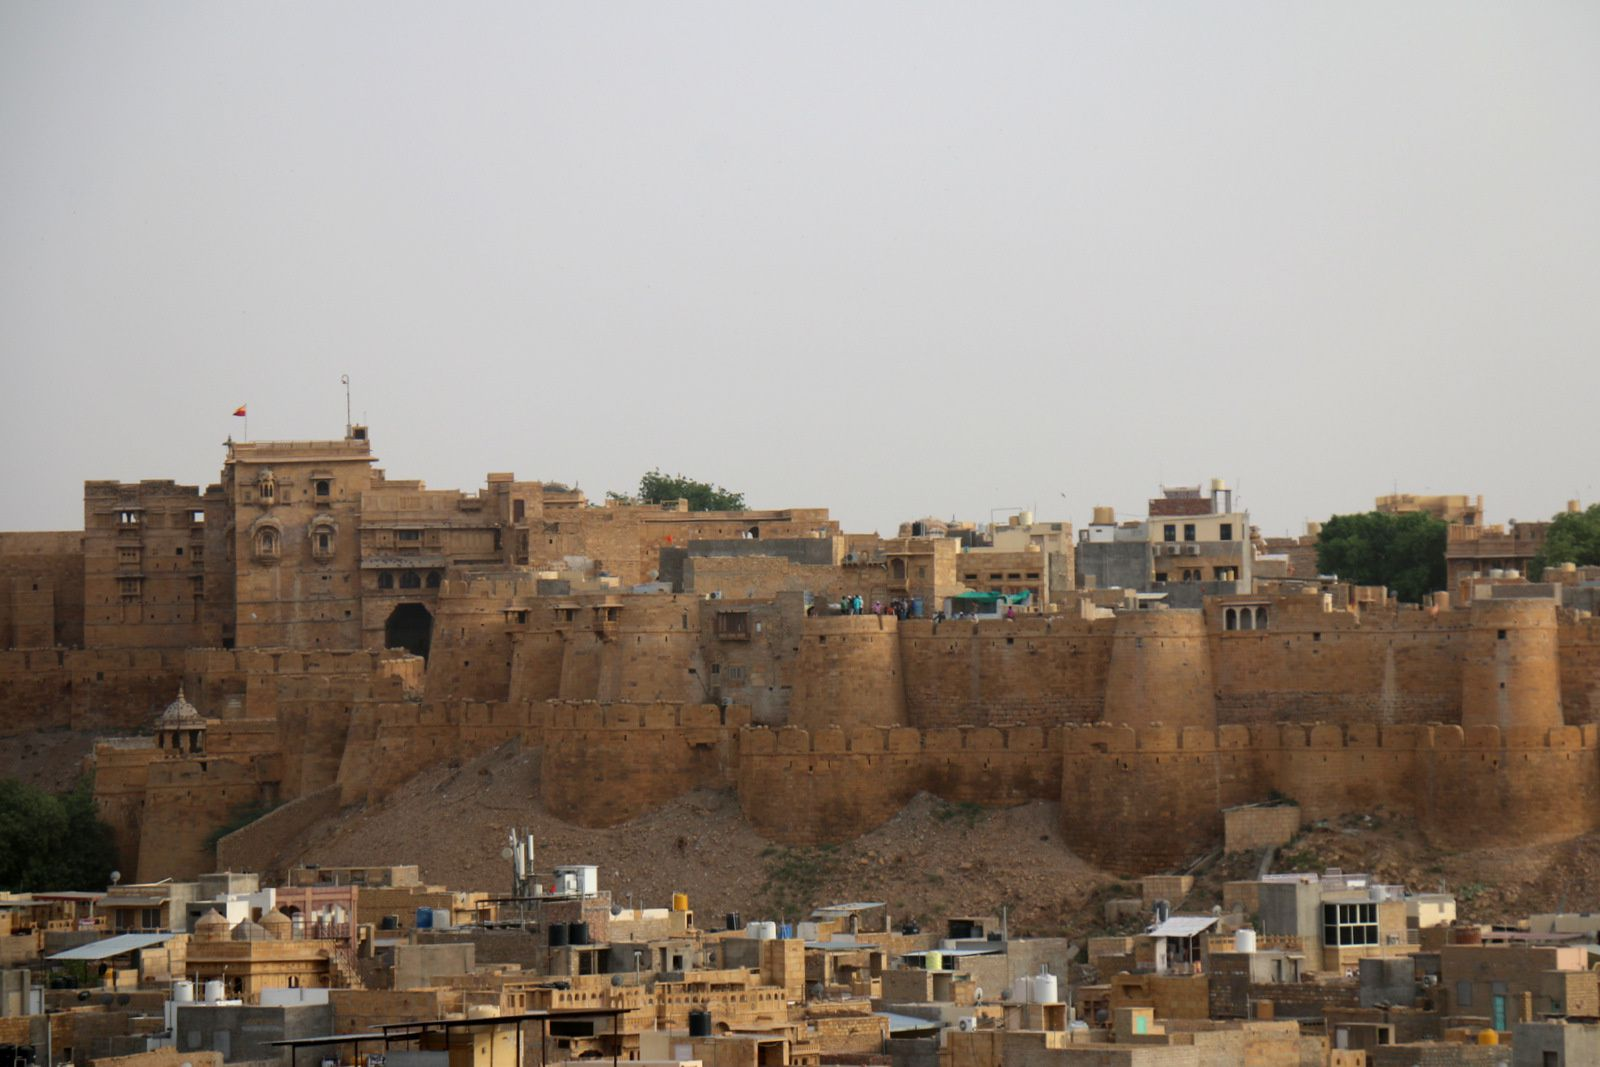 La forteresse de Jaisalmer, Rajasthan (Inde)